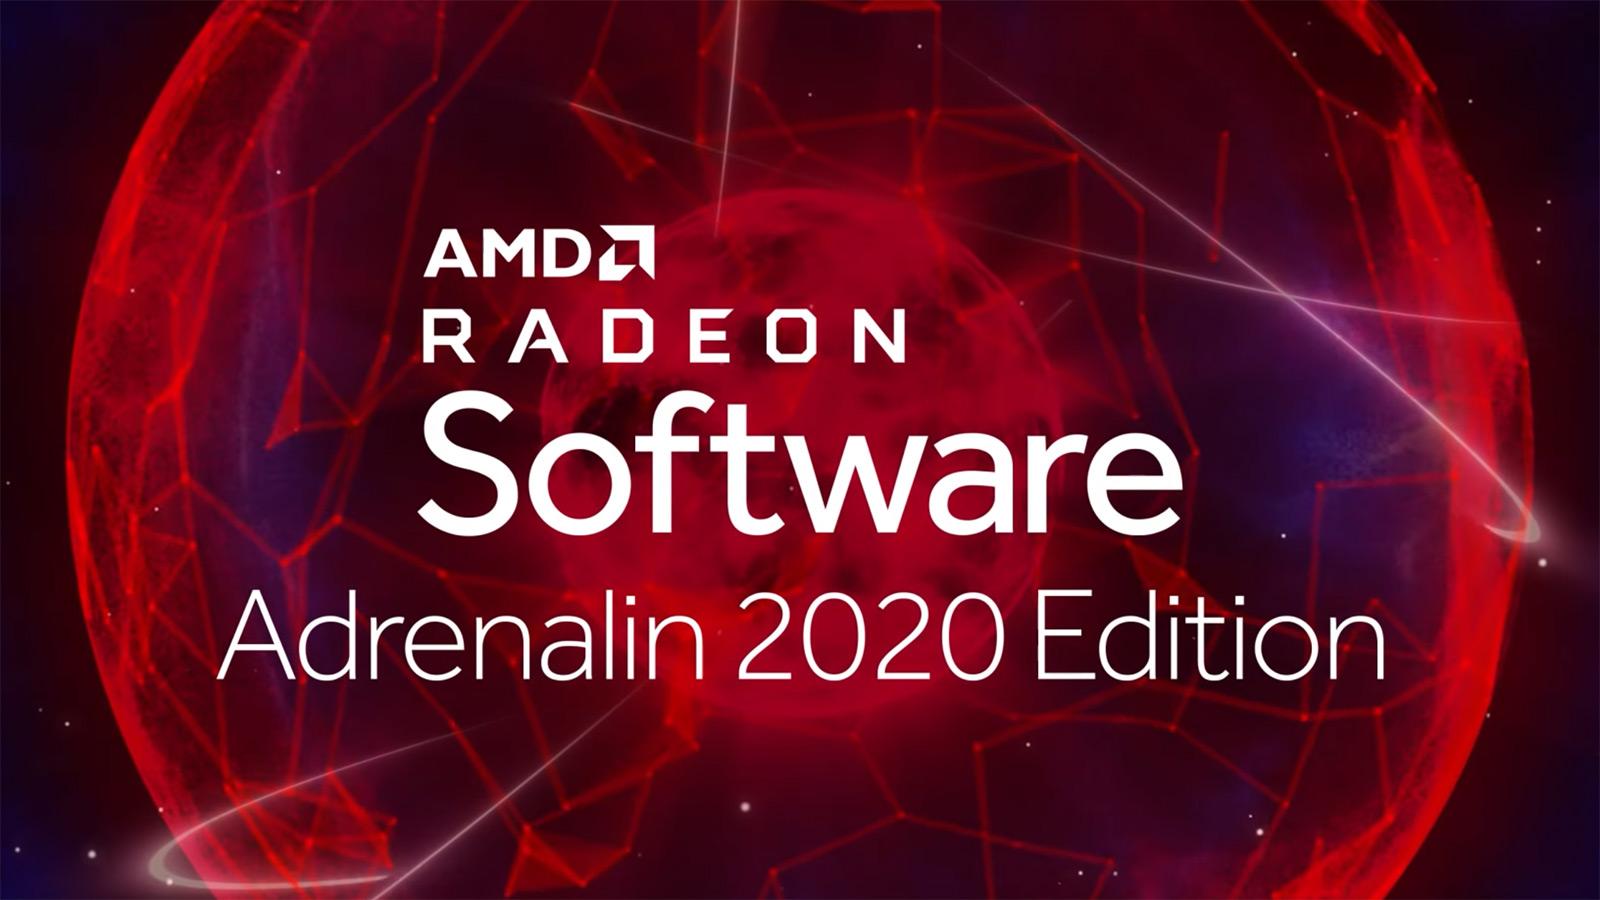 AMD Radeon Software Adrenalin 2020 Edition 20.1.3 - Radeon RX 5600 XT estreinaldirako gidariak